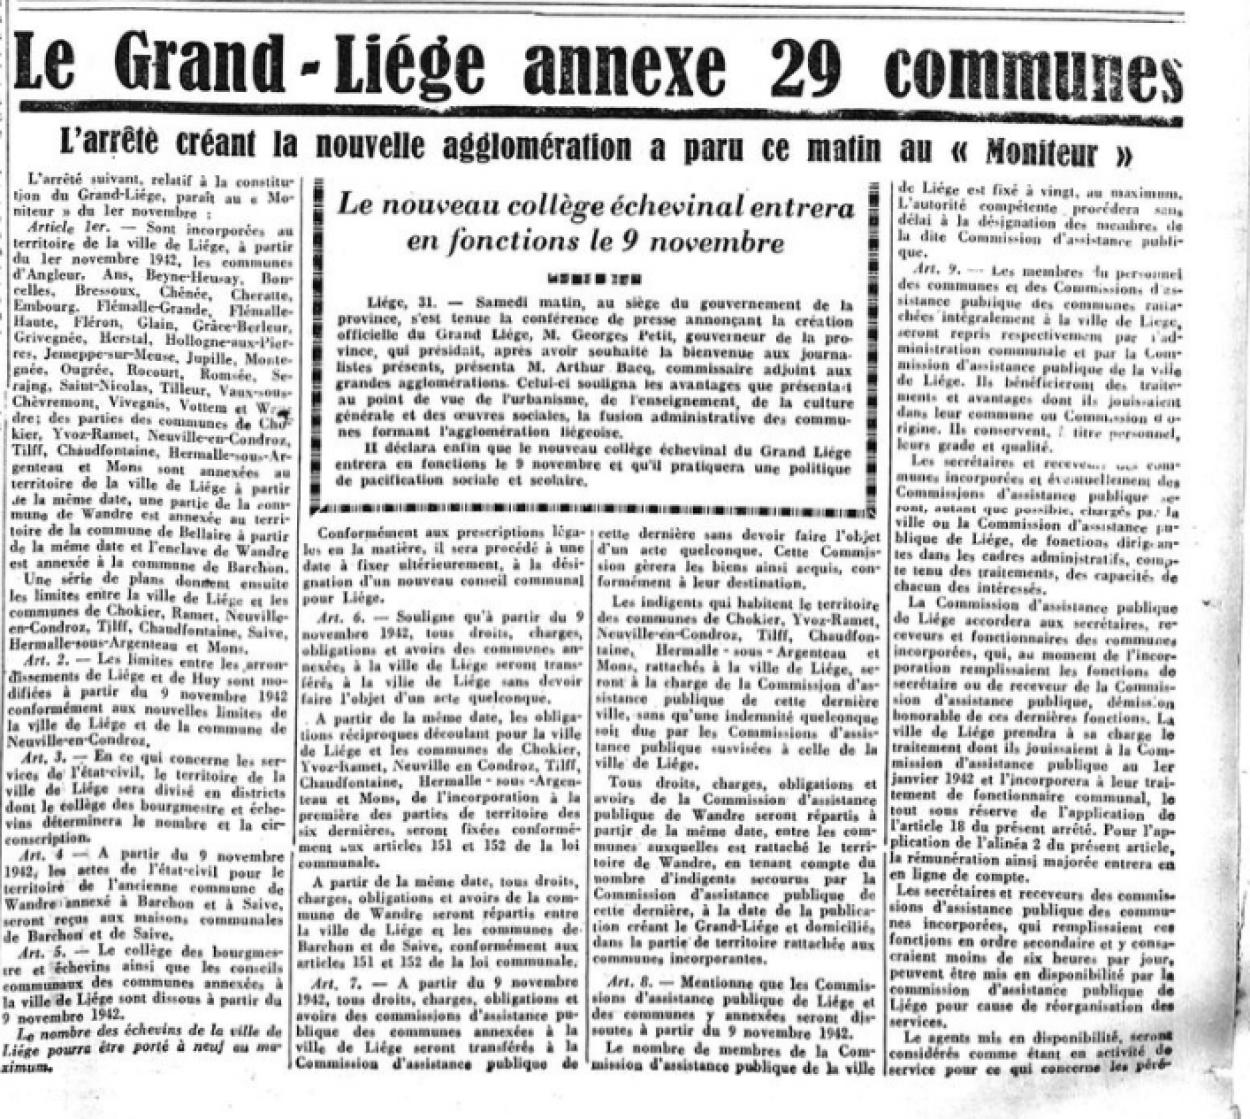 le-pays-rAel-1-11-1942-p-1.png